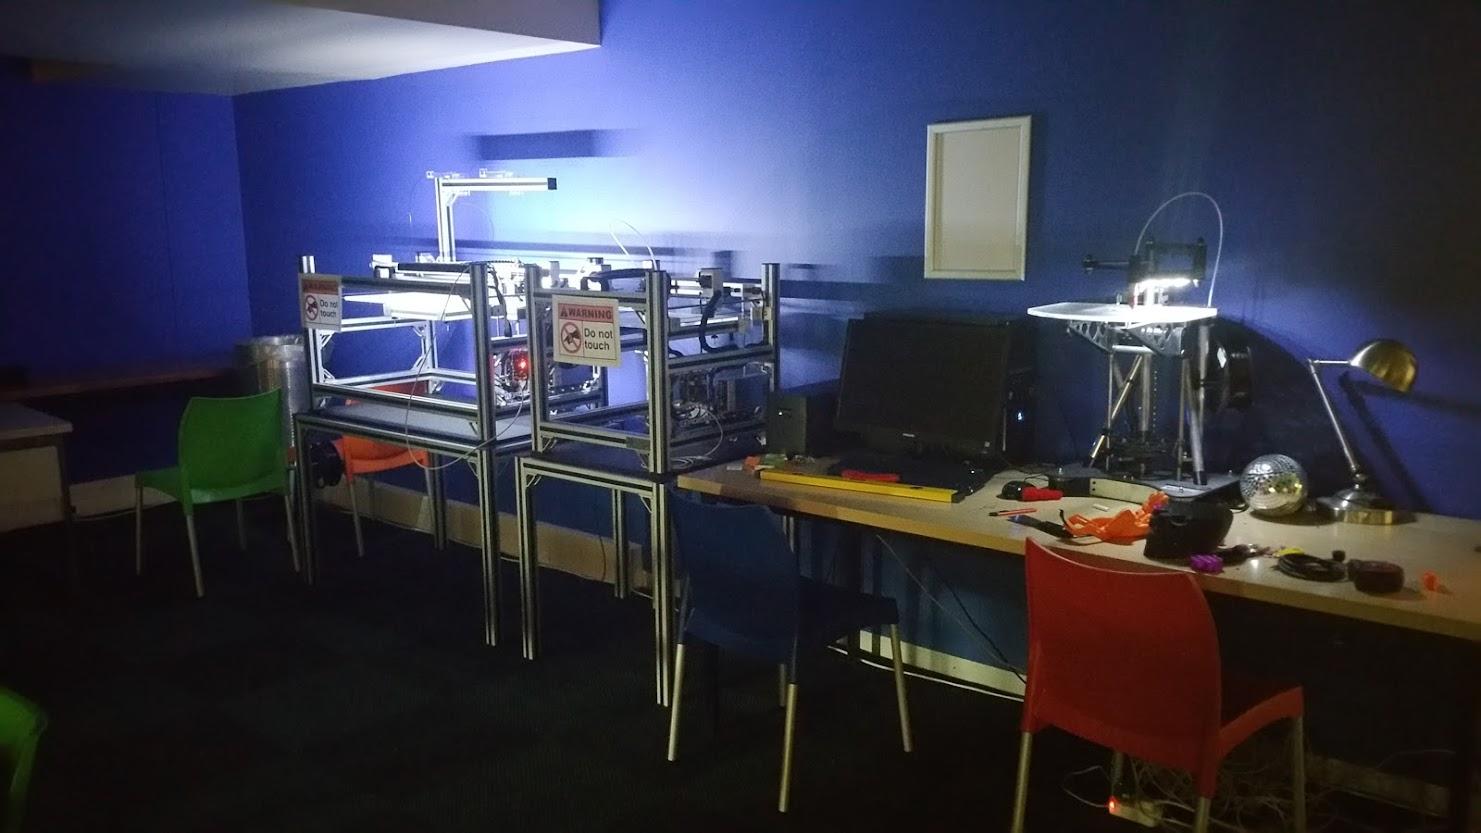 Reprap Morgan at the UP Makerspace